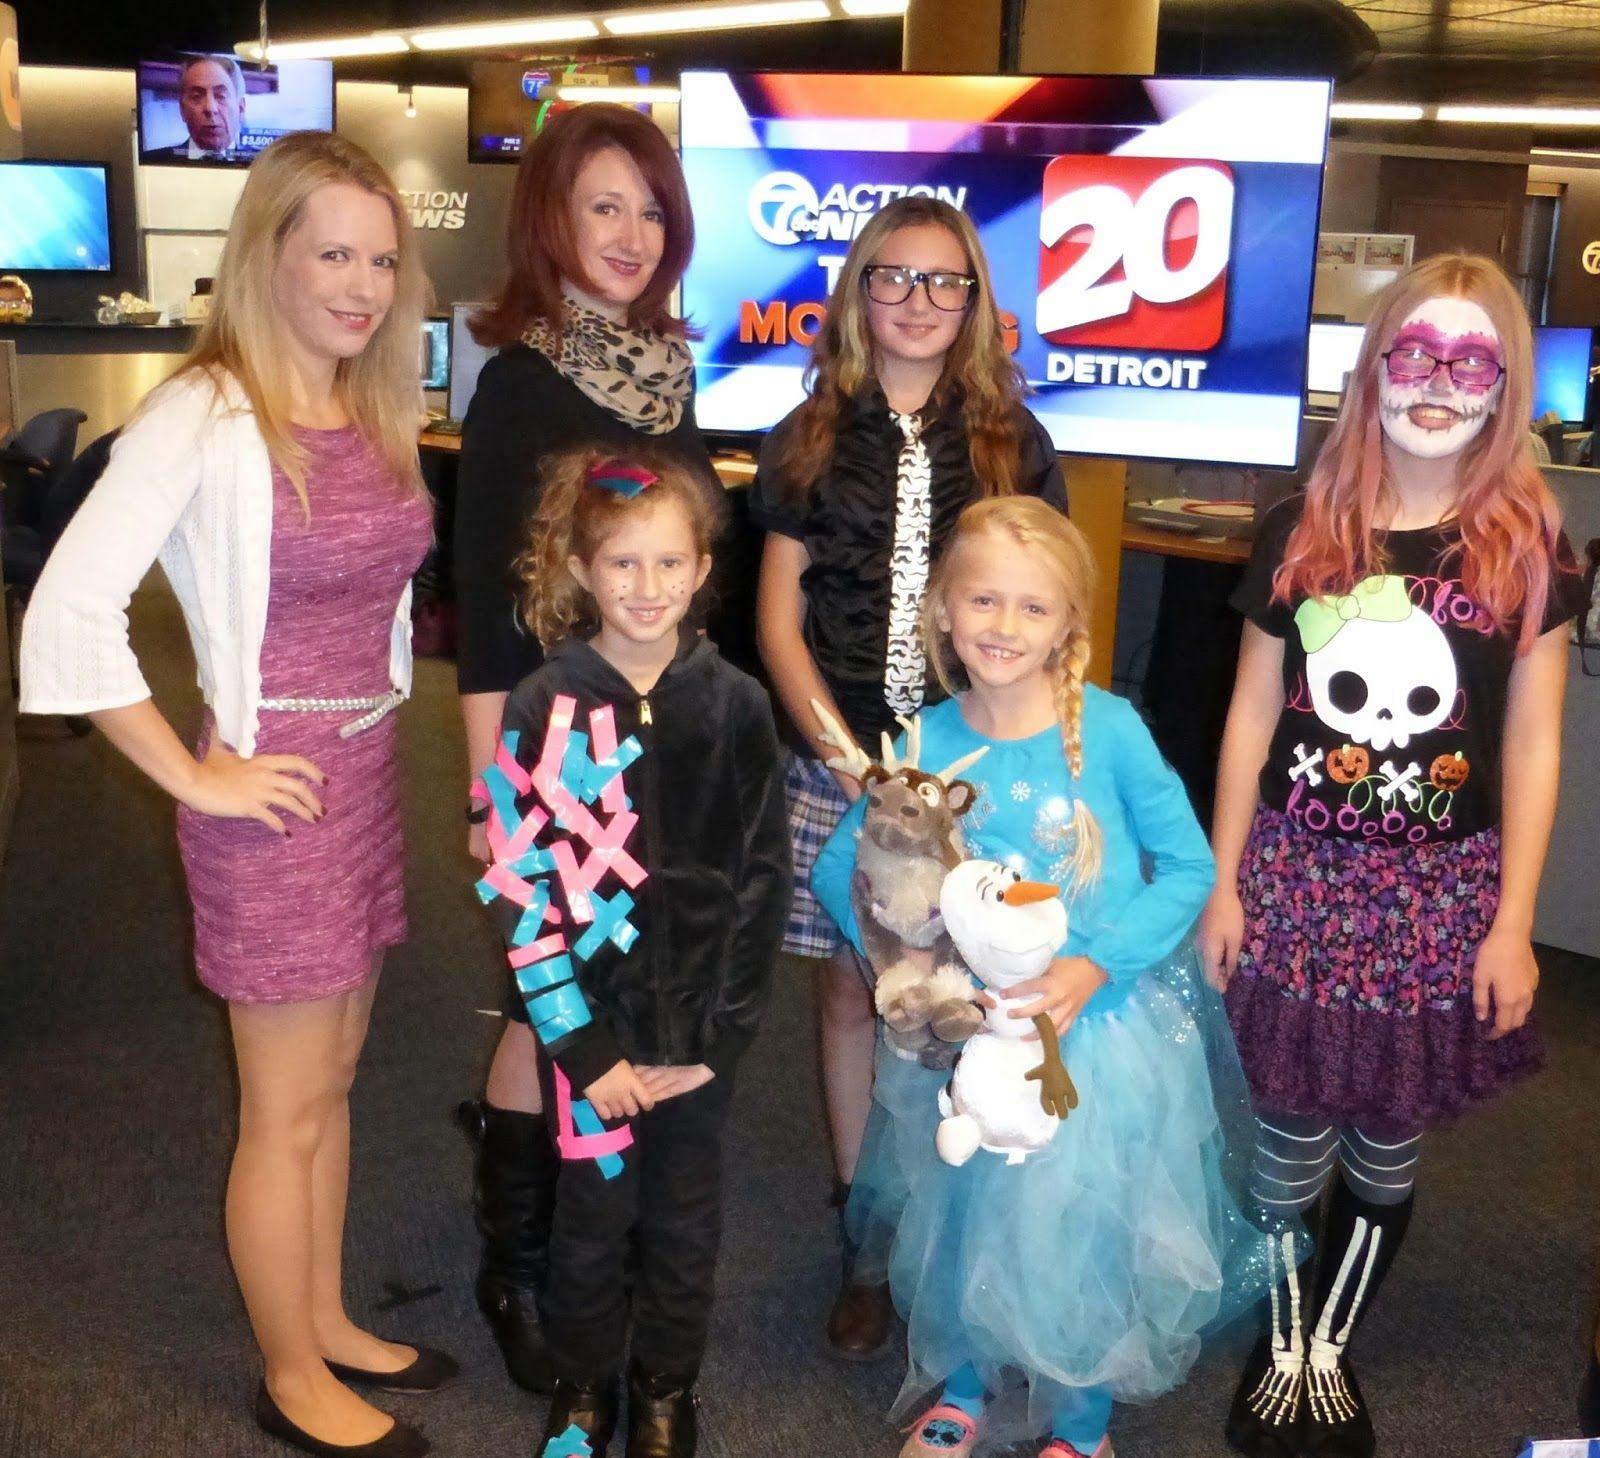 DIY Kids Halloween Costumes As Seen on TV 20 Detroit Diy